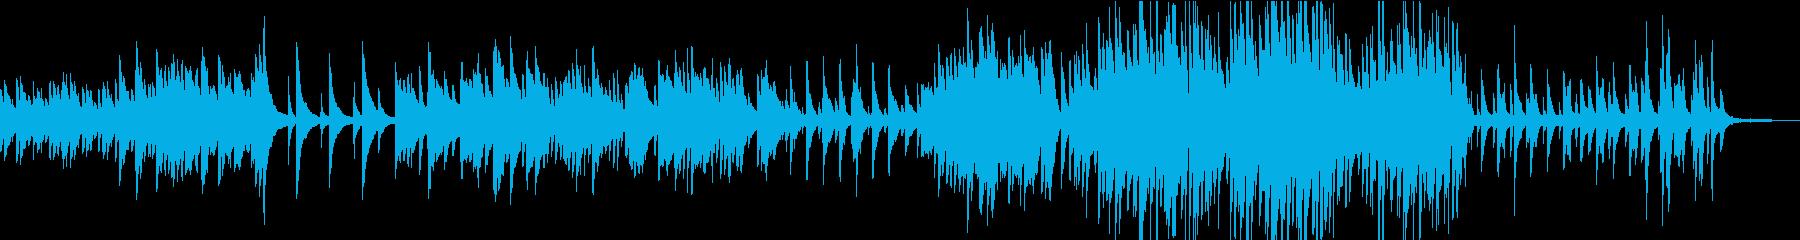 透明感のある切ないピアノ曲ですの再生済みの波形